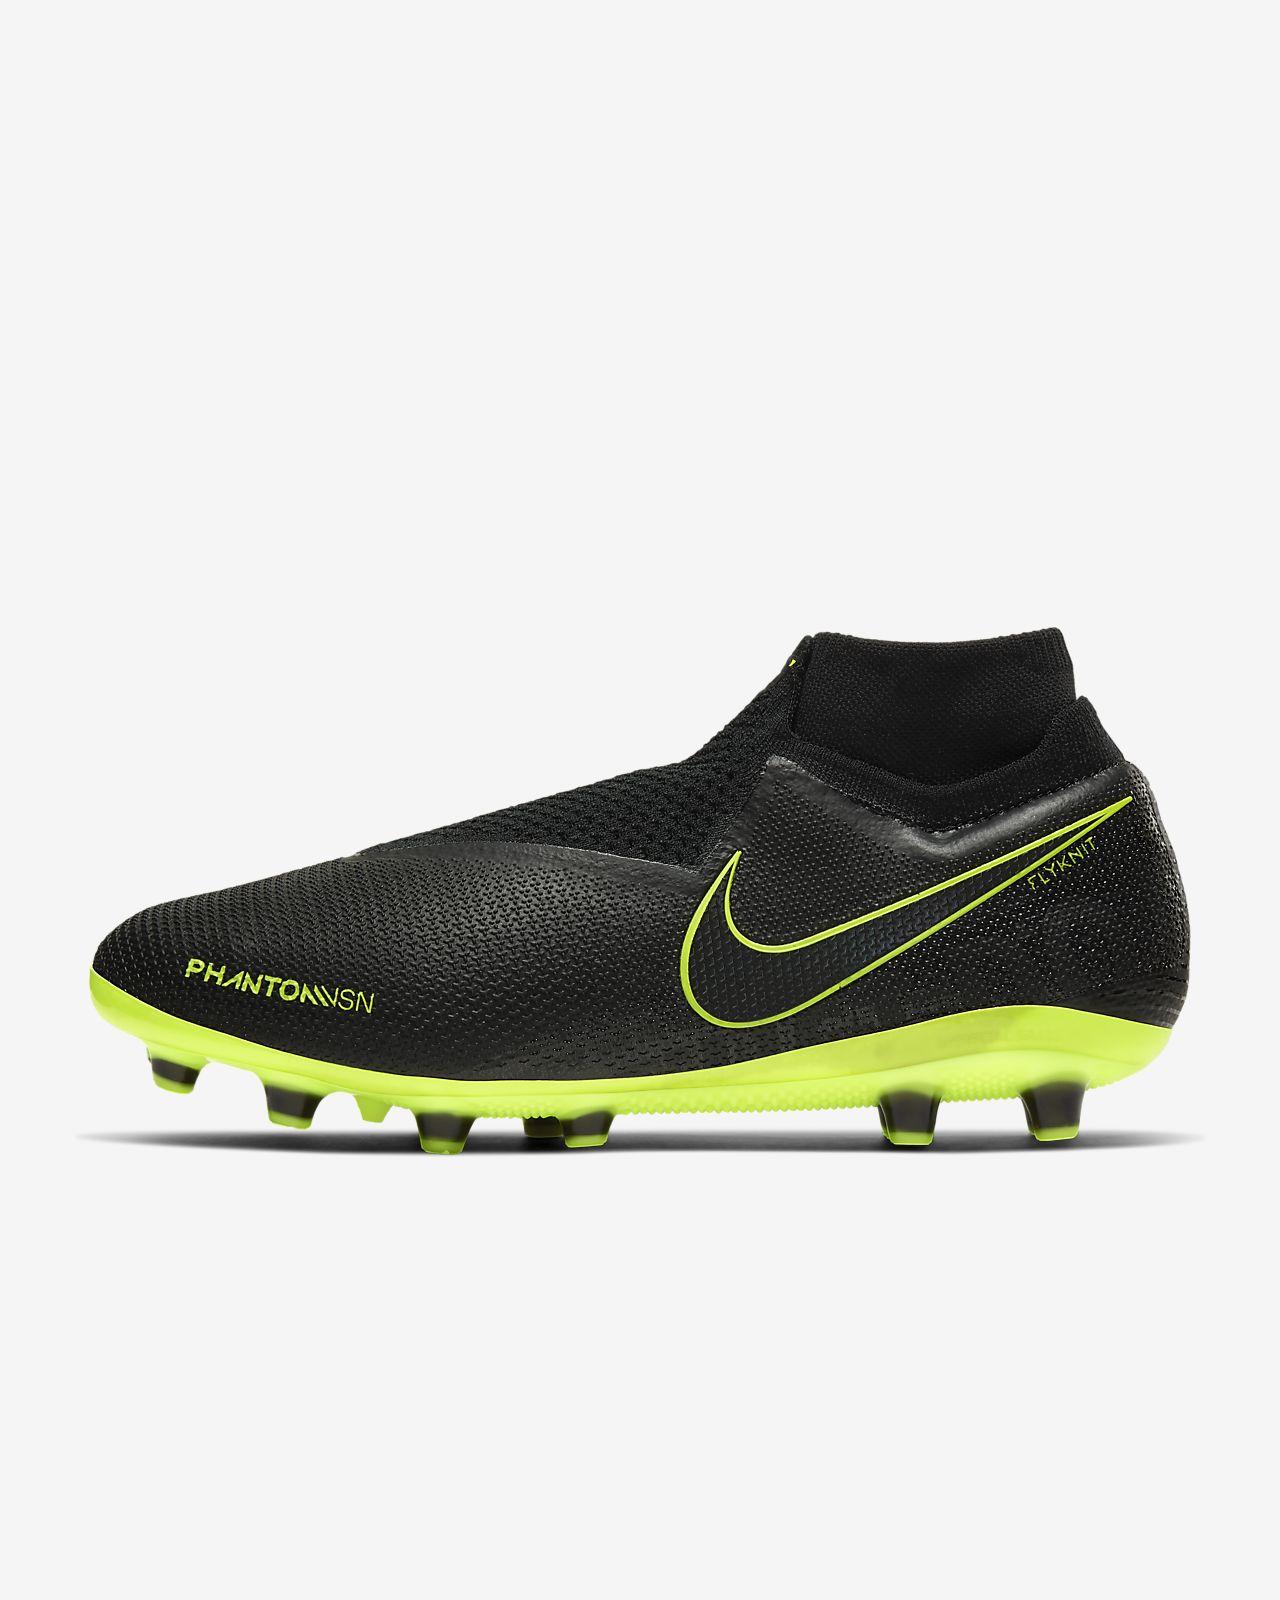 Chuteiras de futebol para relva artificial Nike Phantom Vision Elite Dynamic Fit